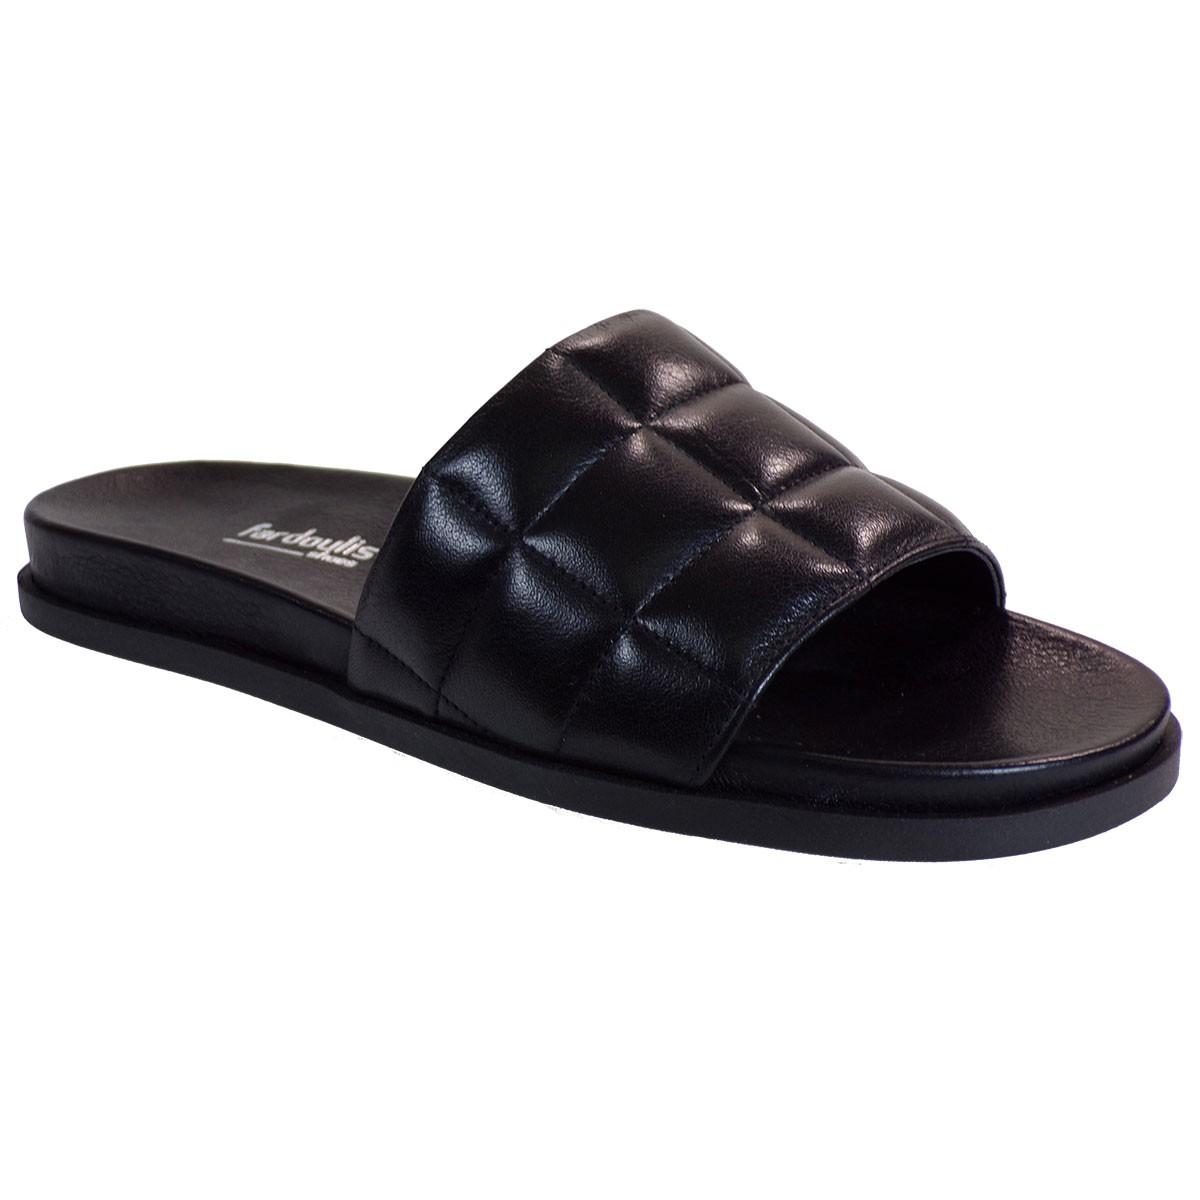 Fardoulis shoes Γυναικείες Παντόφλες 111-47 Μαύρο Δέρμα